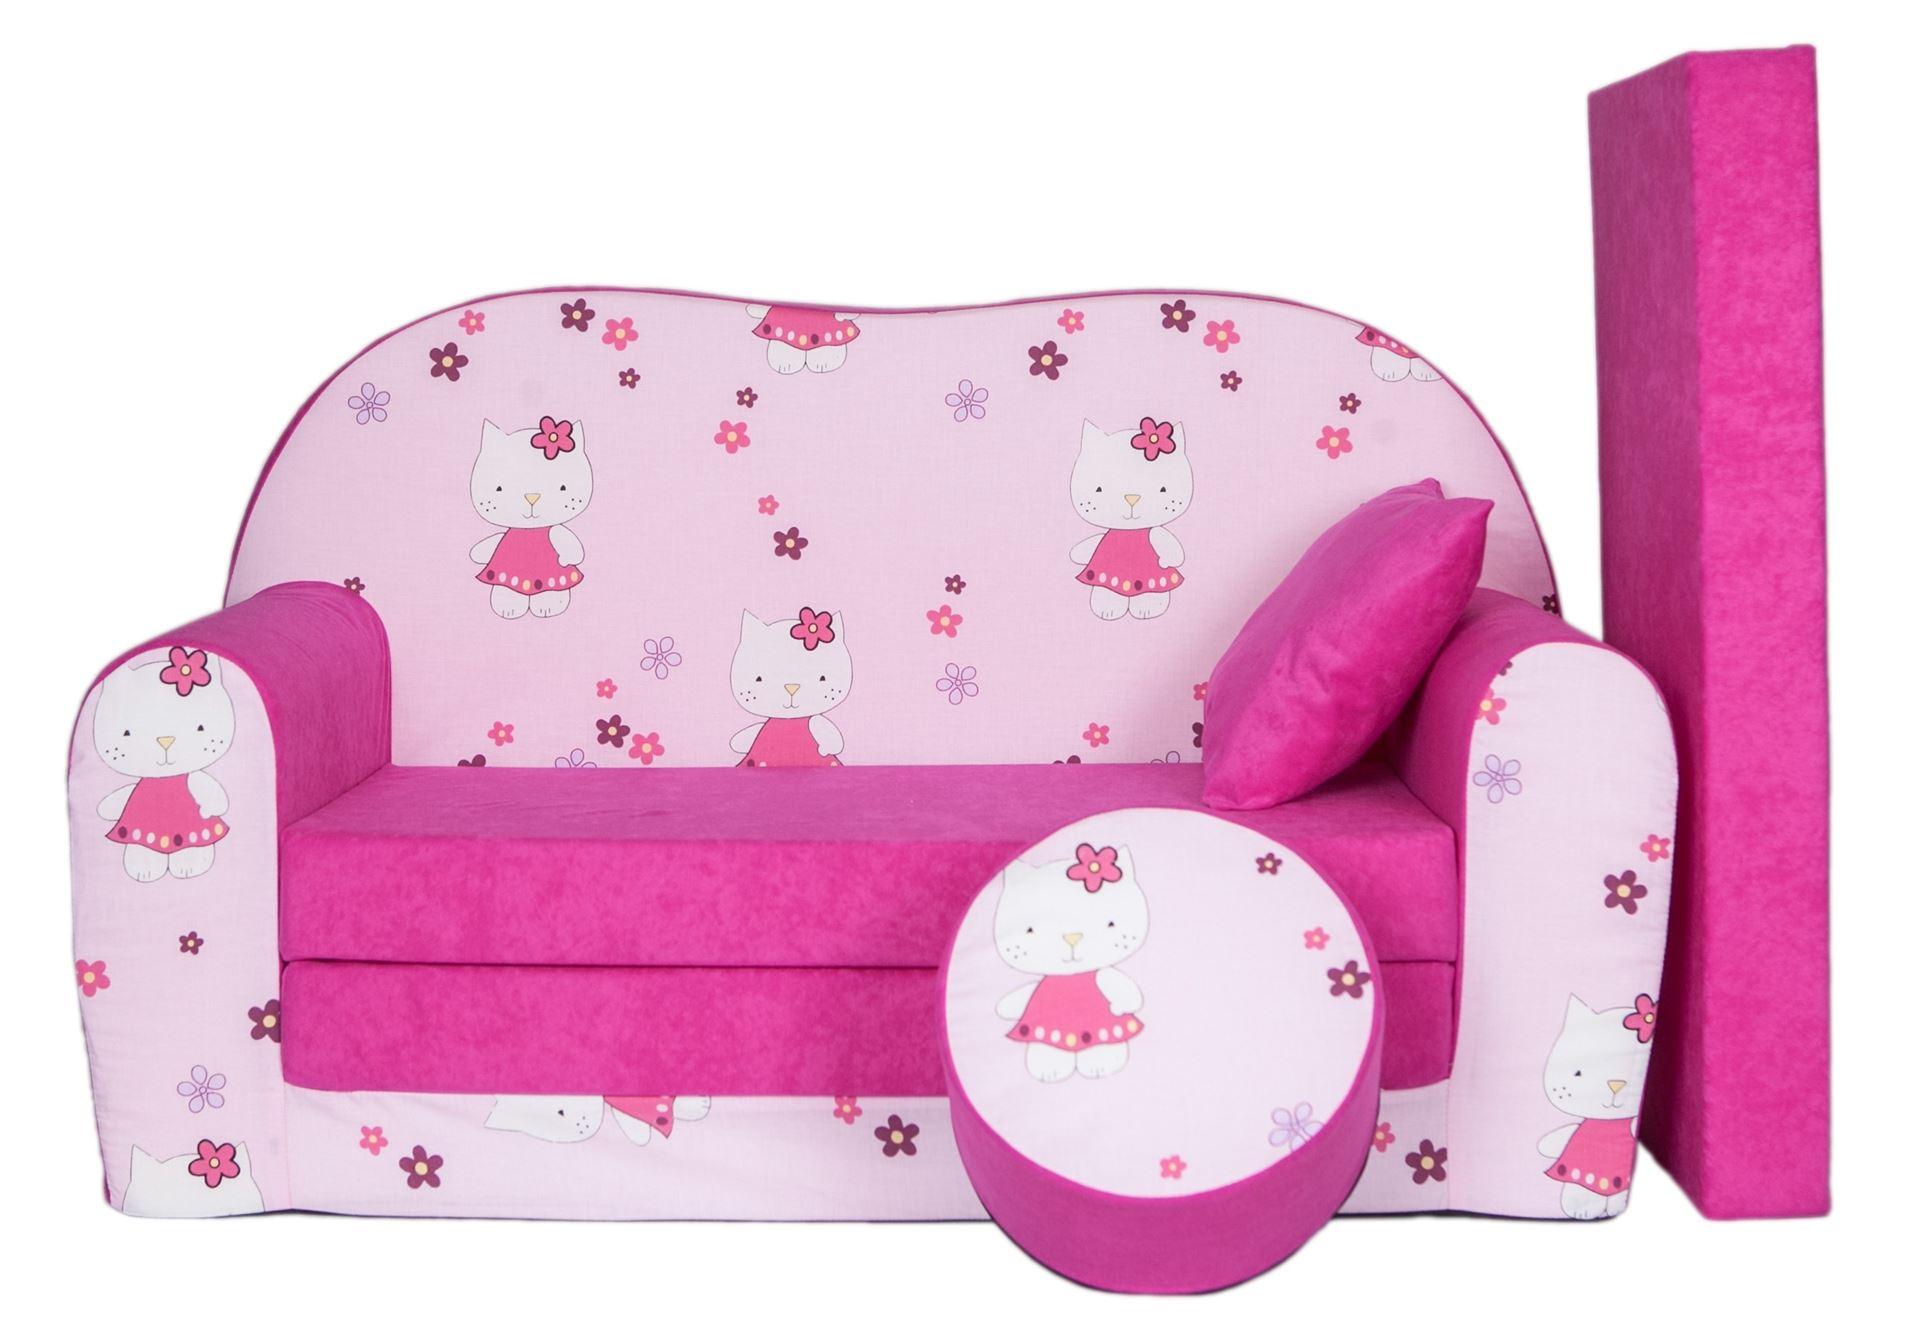 Rozkládací dětská pohovka s bobkem a polštářkem Hello Kitty - Růžová